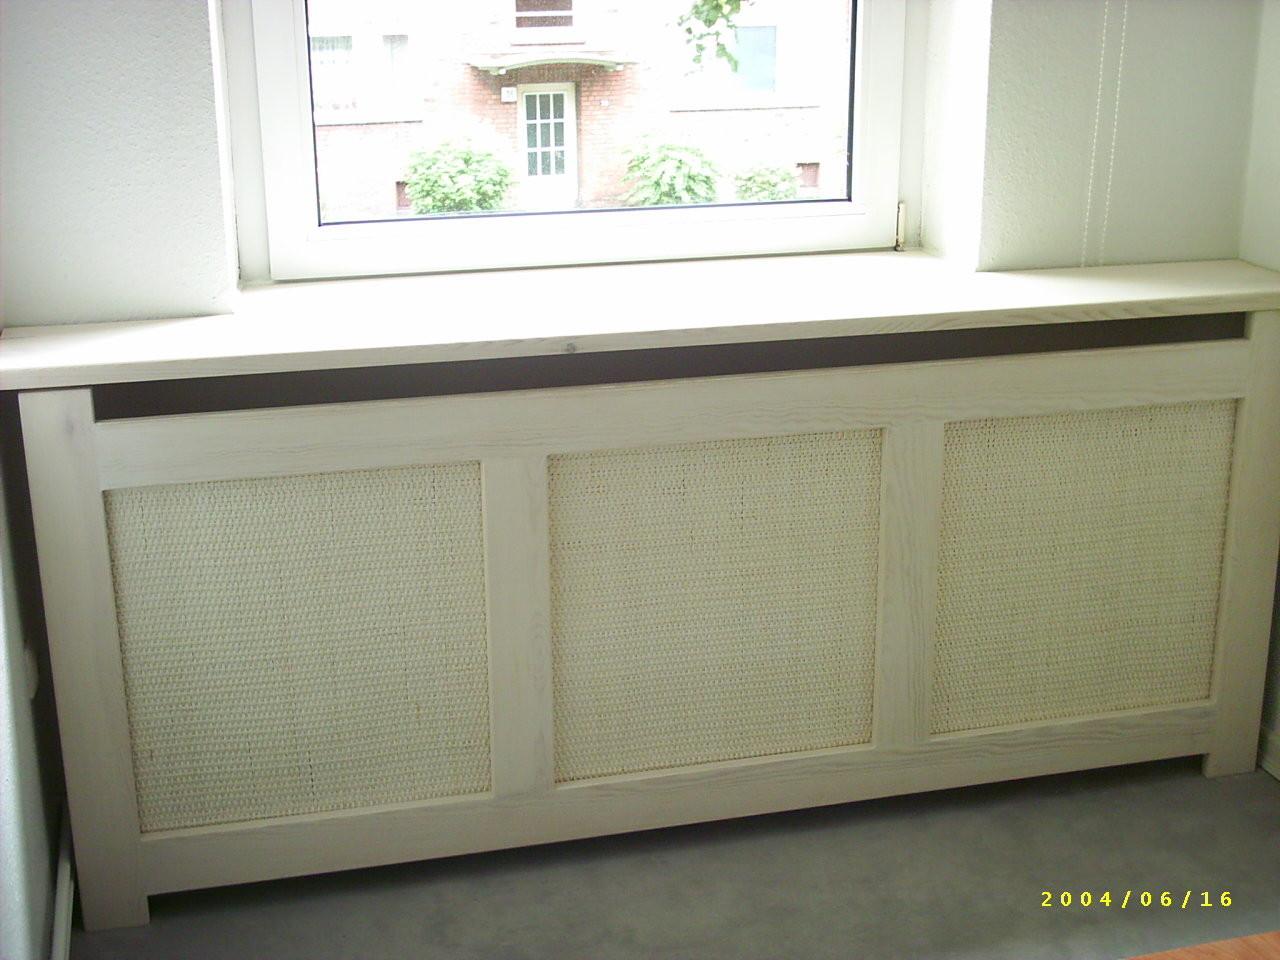 Fensterbank und Heizungsverkleidung, weiss mit Peddigschienengewebe